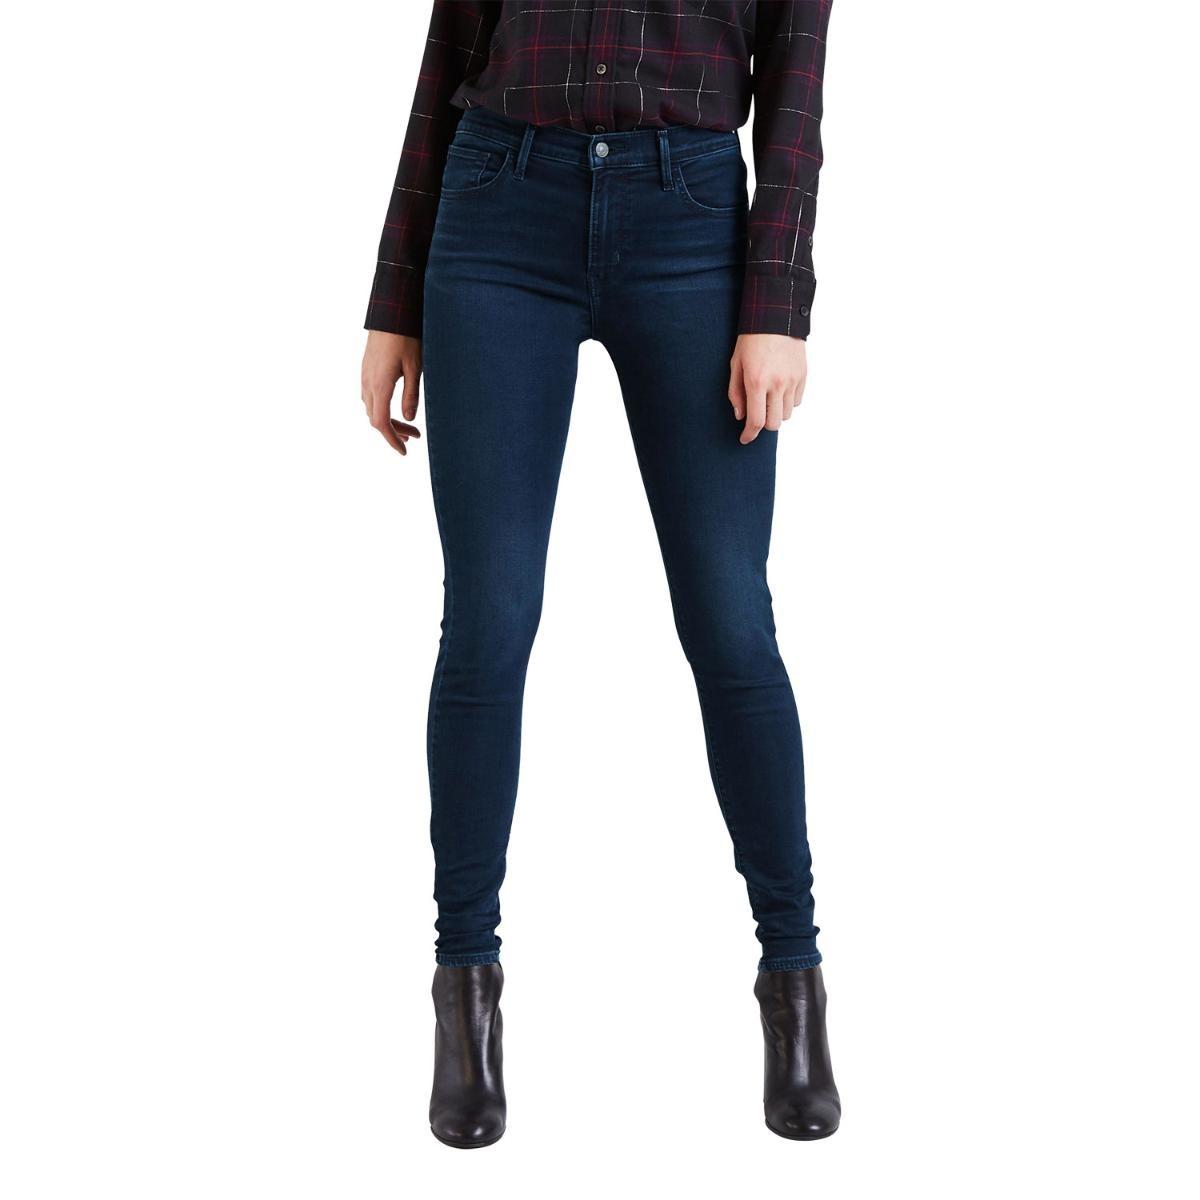 08258c9a7d932 calça jeans levis feminino 720 high rise super skinny escura. Carregando  zoom.